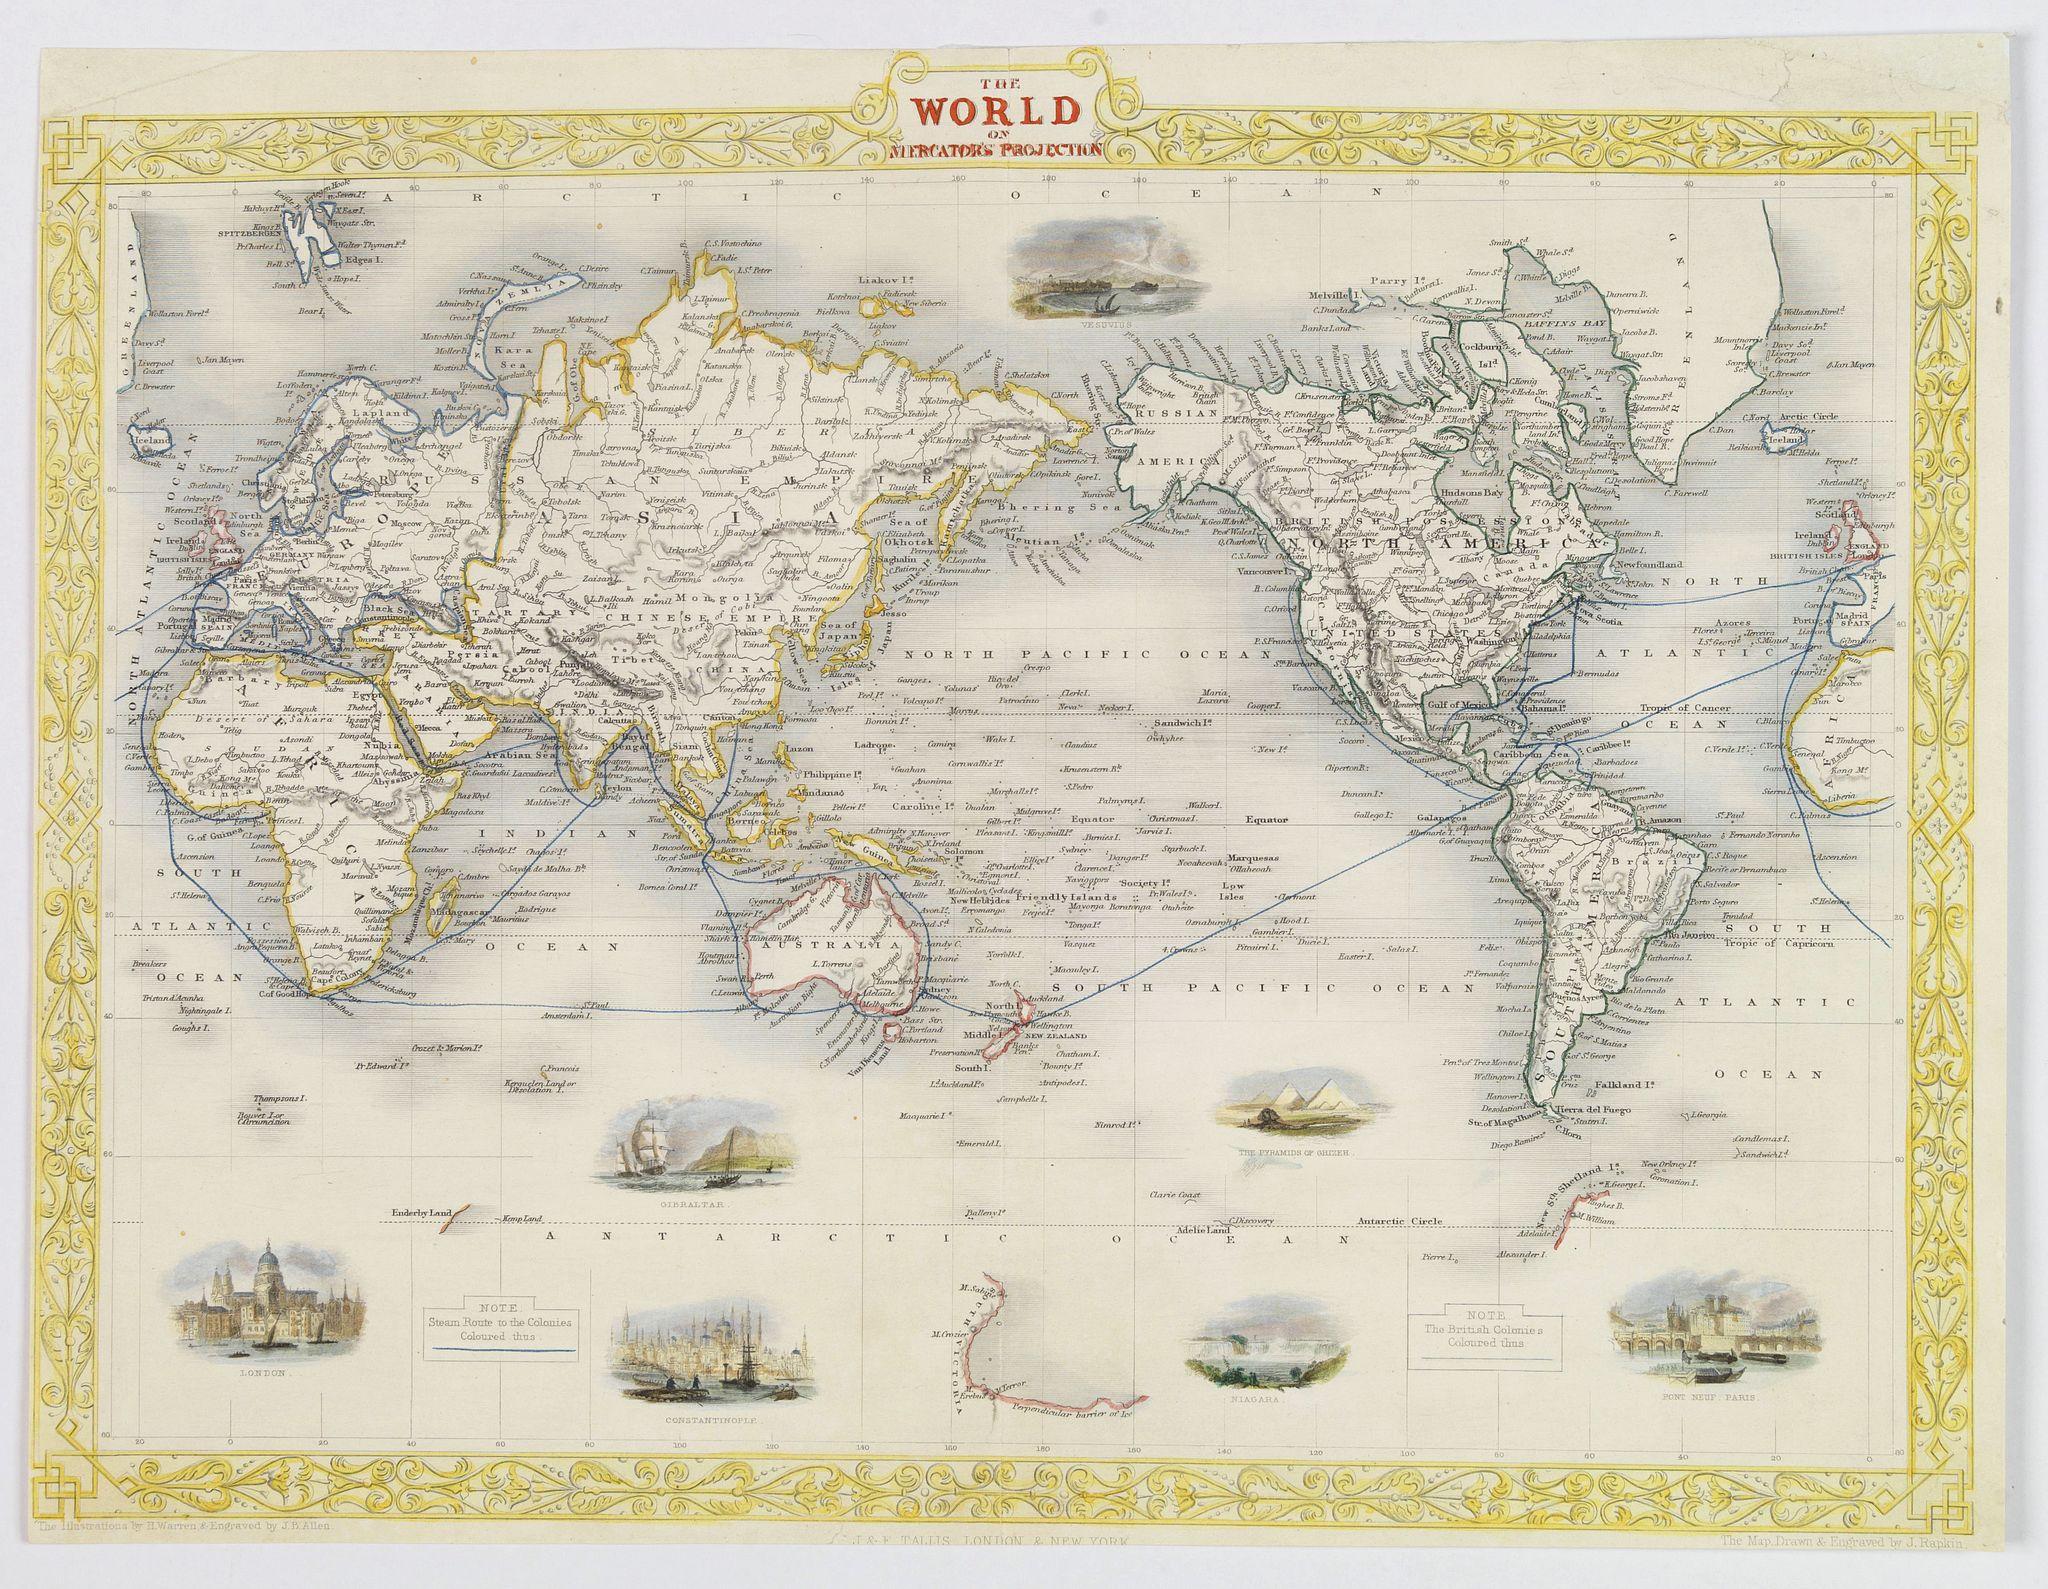 TALLIS, John. - The World on Mercator's Projection.